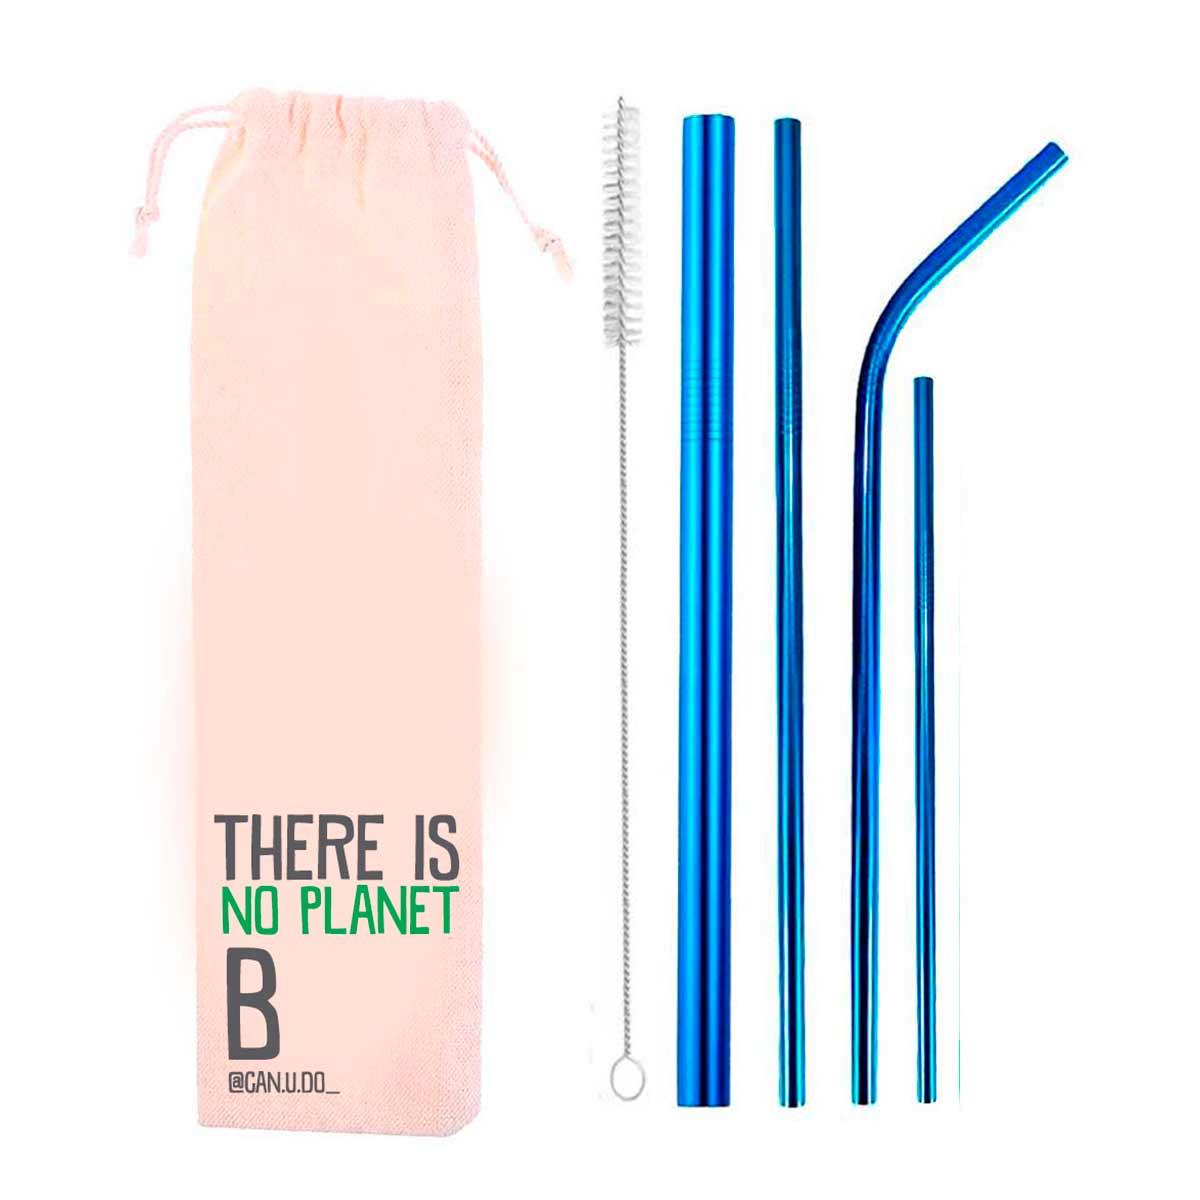 Kit 6 em 1- 4 Canudos de Inox Azul + Escova + Ecobag Planet B (Shake 8mm)